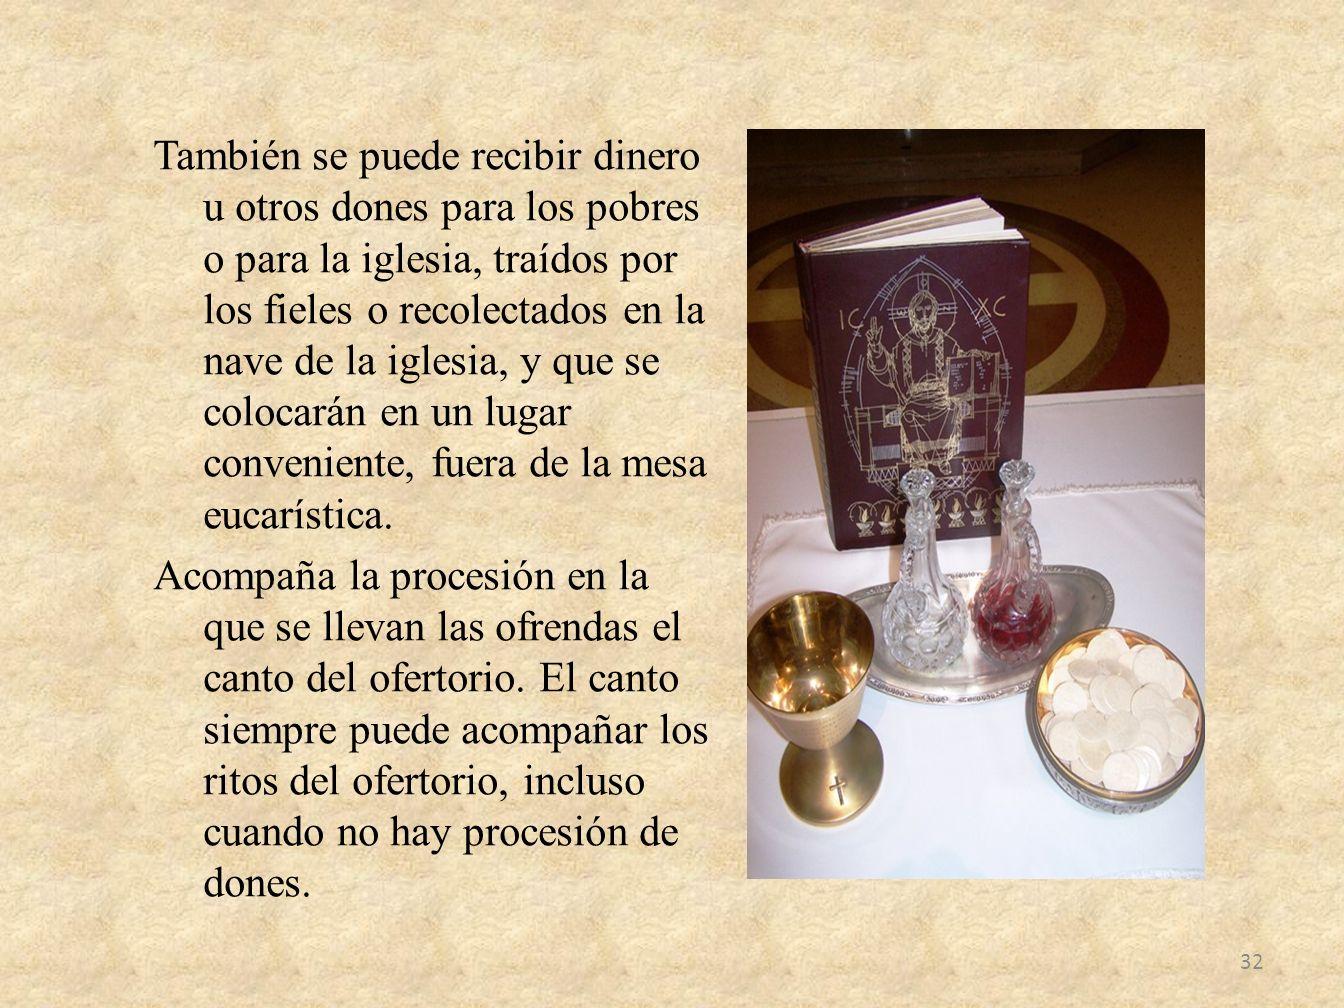 También se puede recibir dinero u otros dones para los pobres o para la iglesia, traídos por los fieles o recolectados en la nave de la iglesia, y que